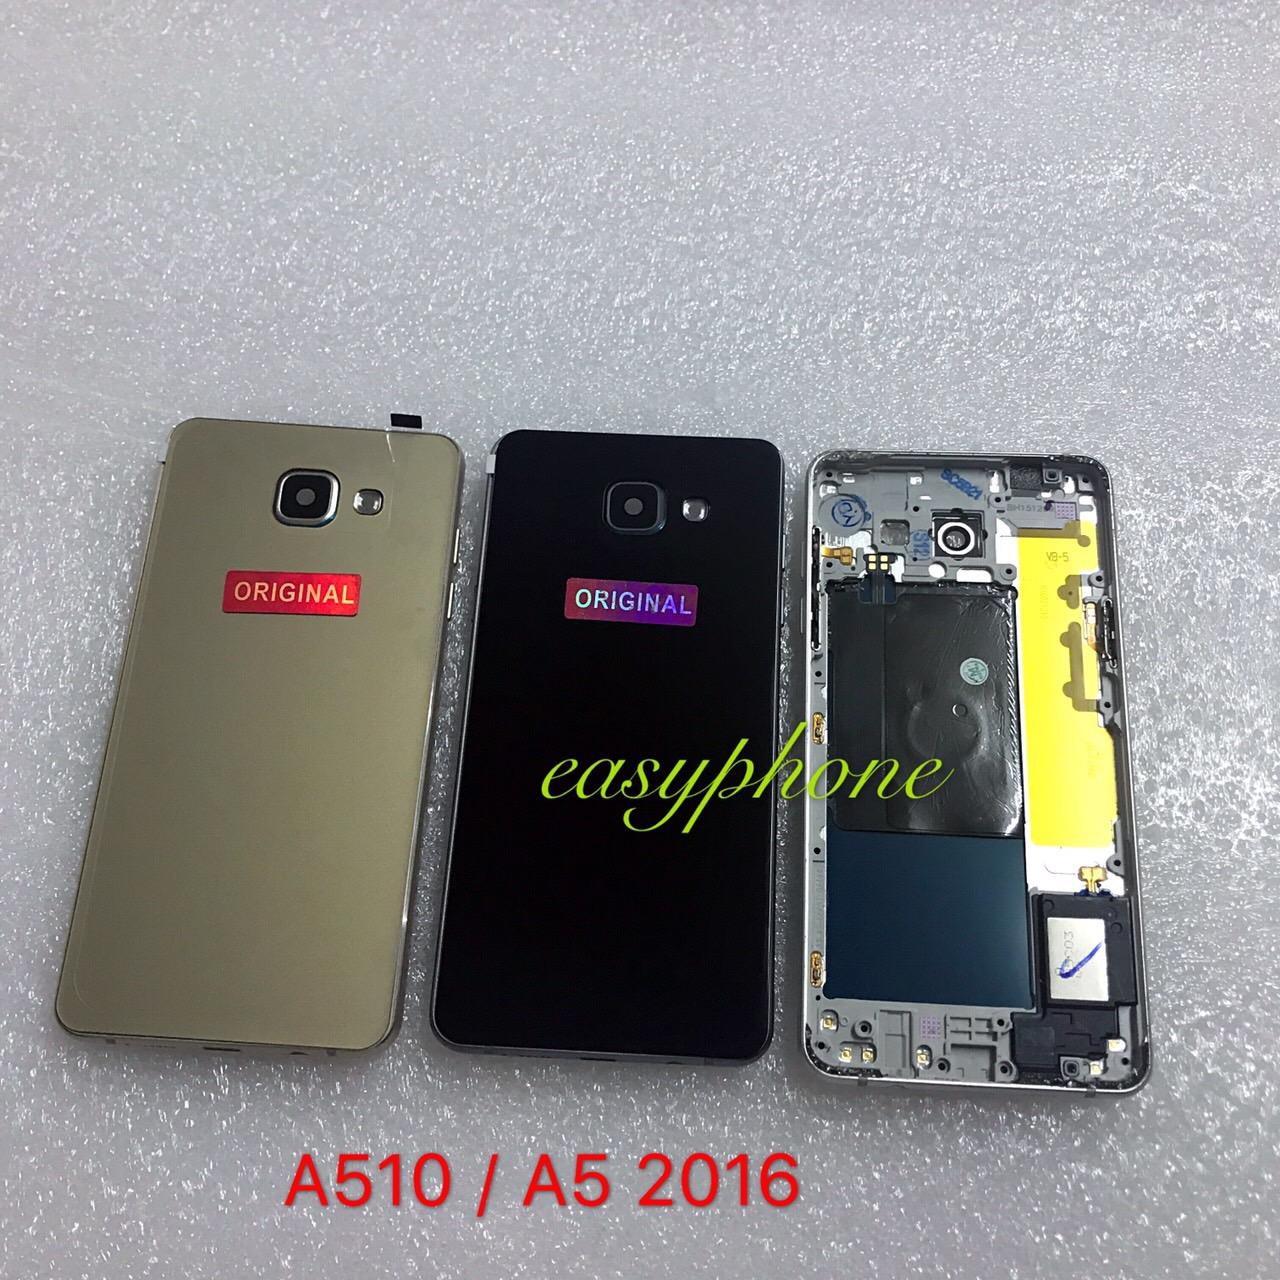 หน้ากาก Samsung A510/A5(2016)